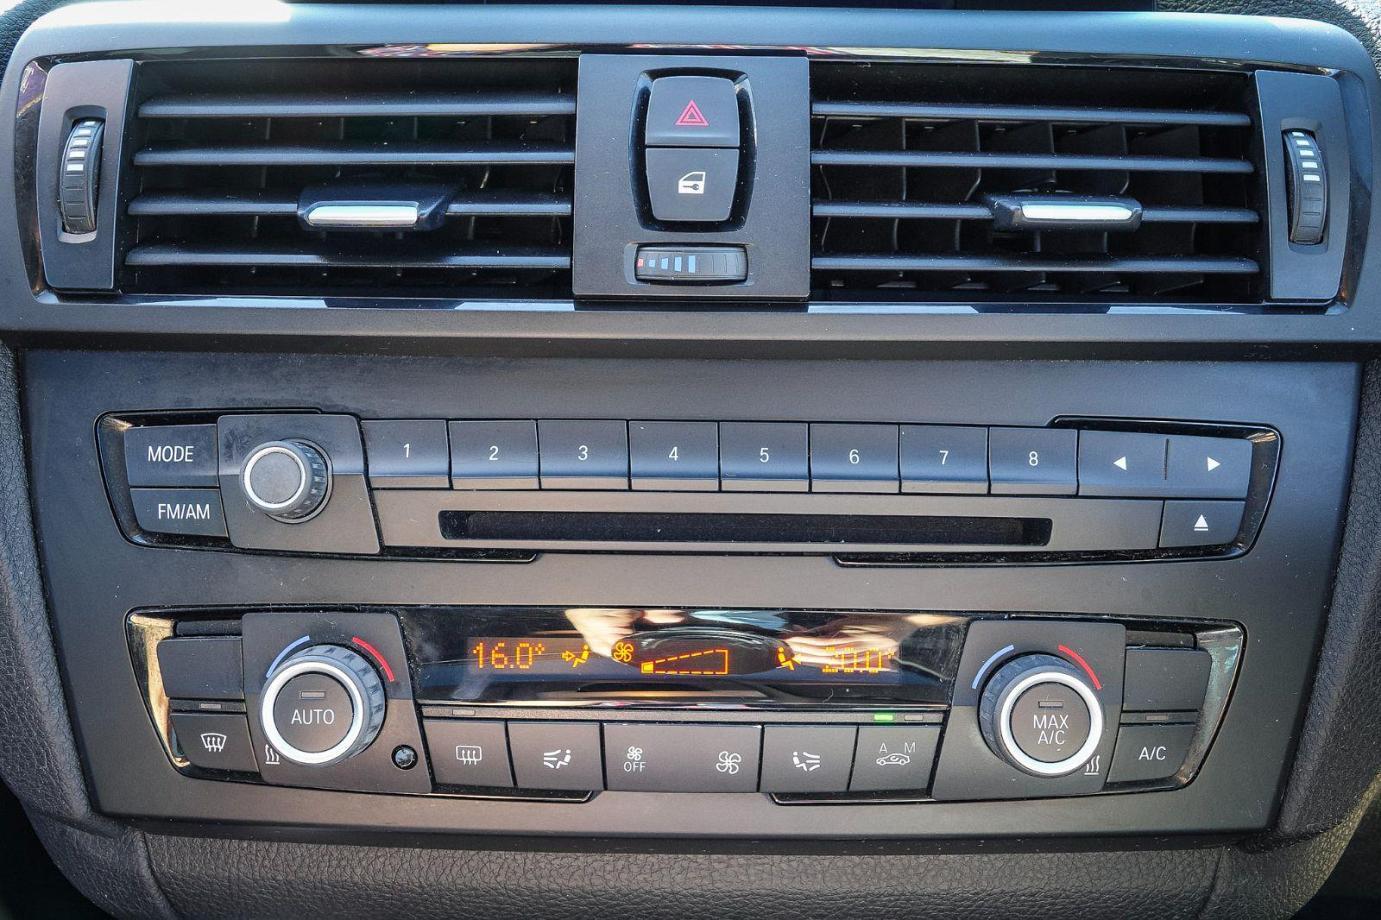 2013 BMW 1 Series F20 MY14 118i Hatchback 5dr Steptronic 8sp 1.6T